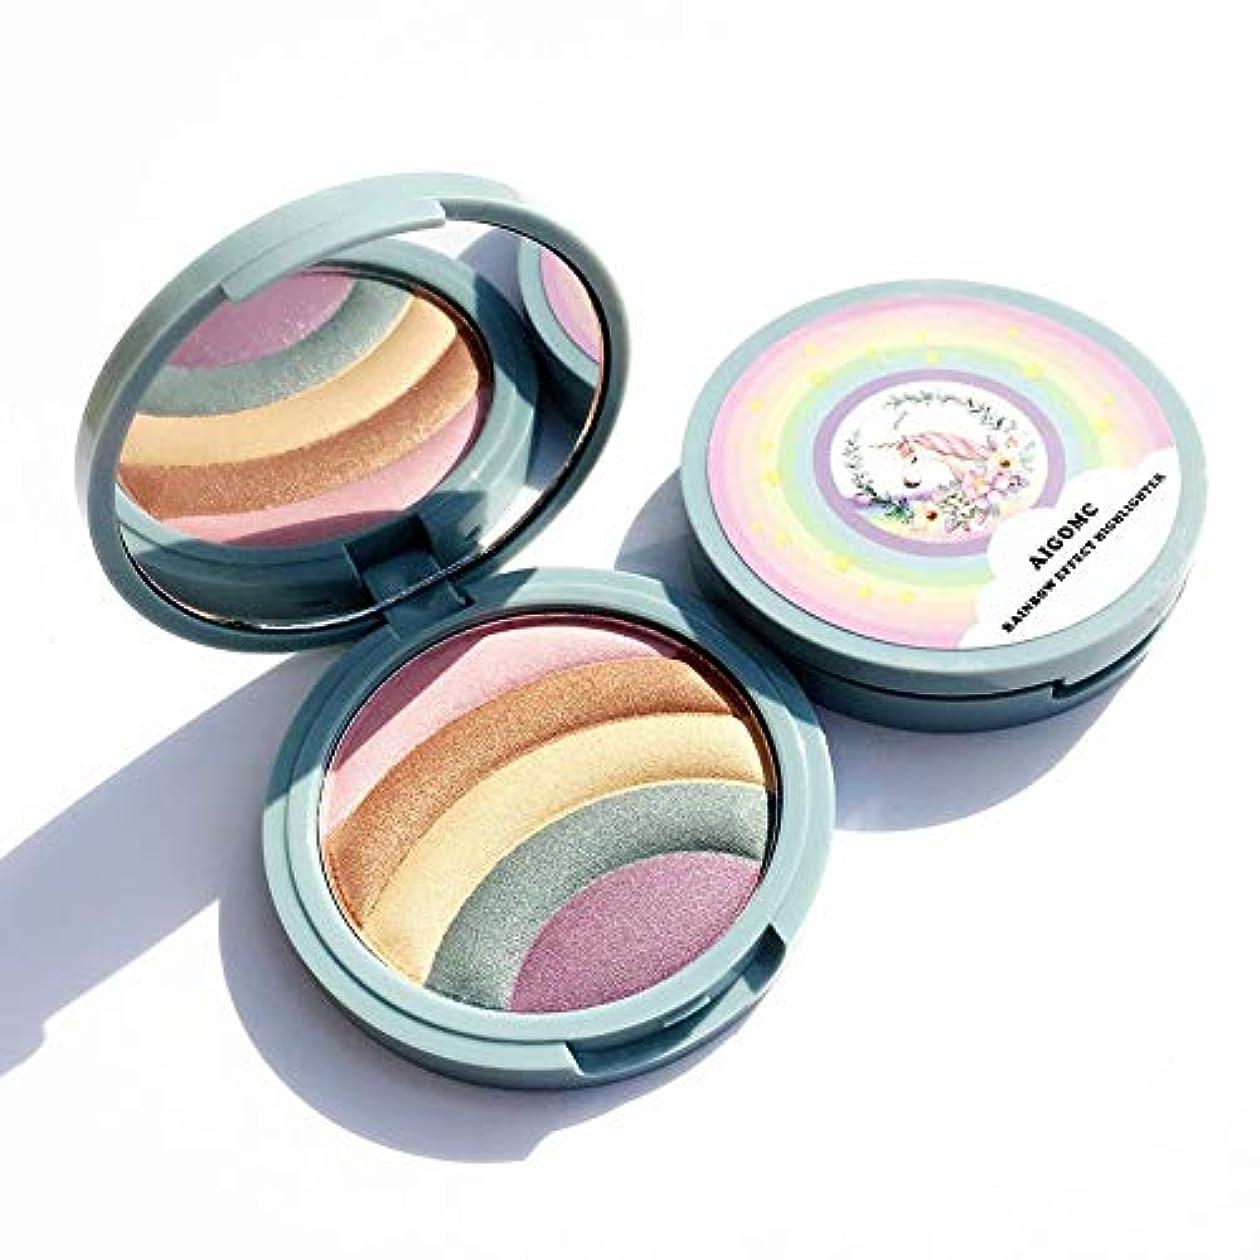 同様にギャロップ人気のBrill(ブリーオ)最高のプロアイシャドウマットパレットメイクアイシャドウプロフェッショナル完璧なファイル暖かいナチュラルニュートラルスモーキーパレットアイメイクアップシルキーパウダー化粧品5色